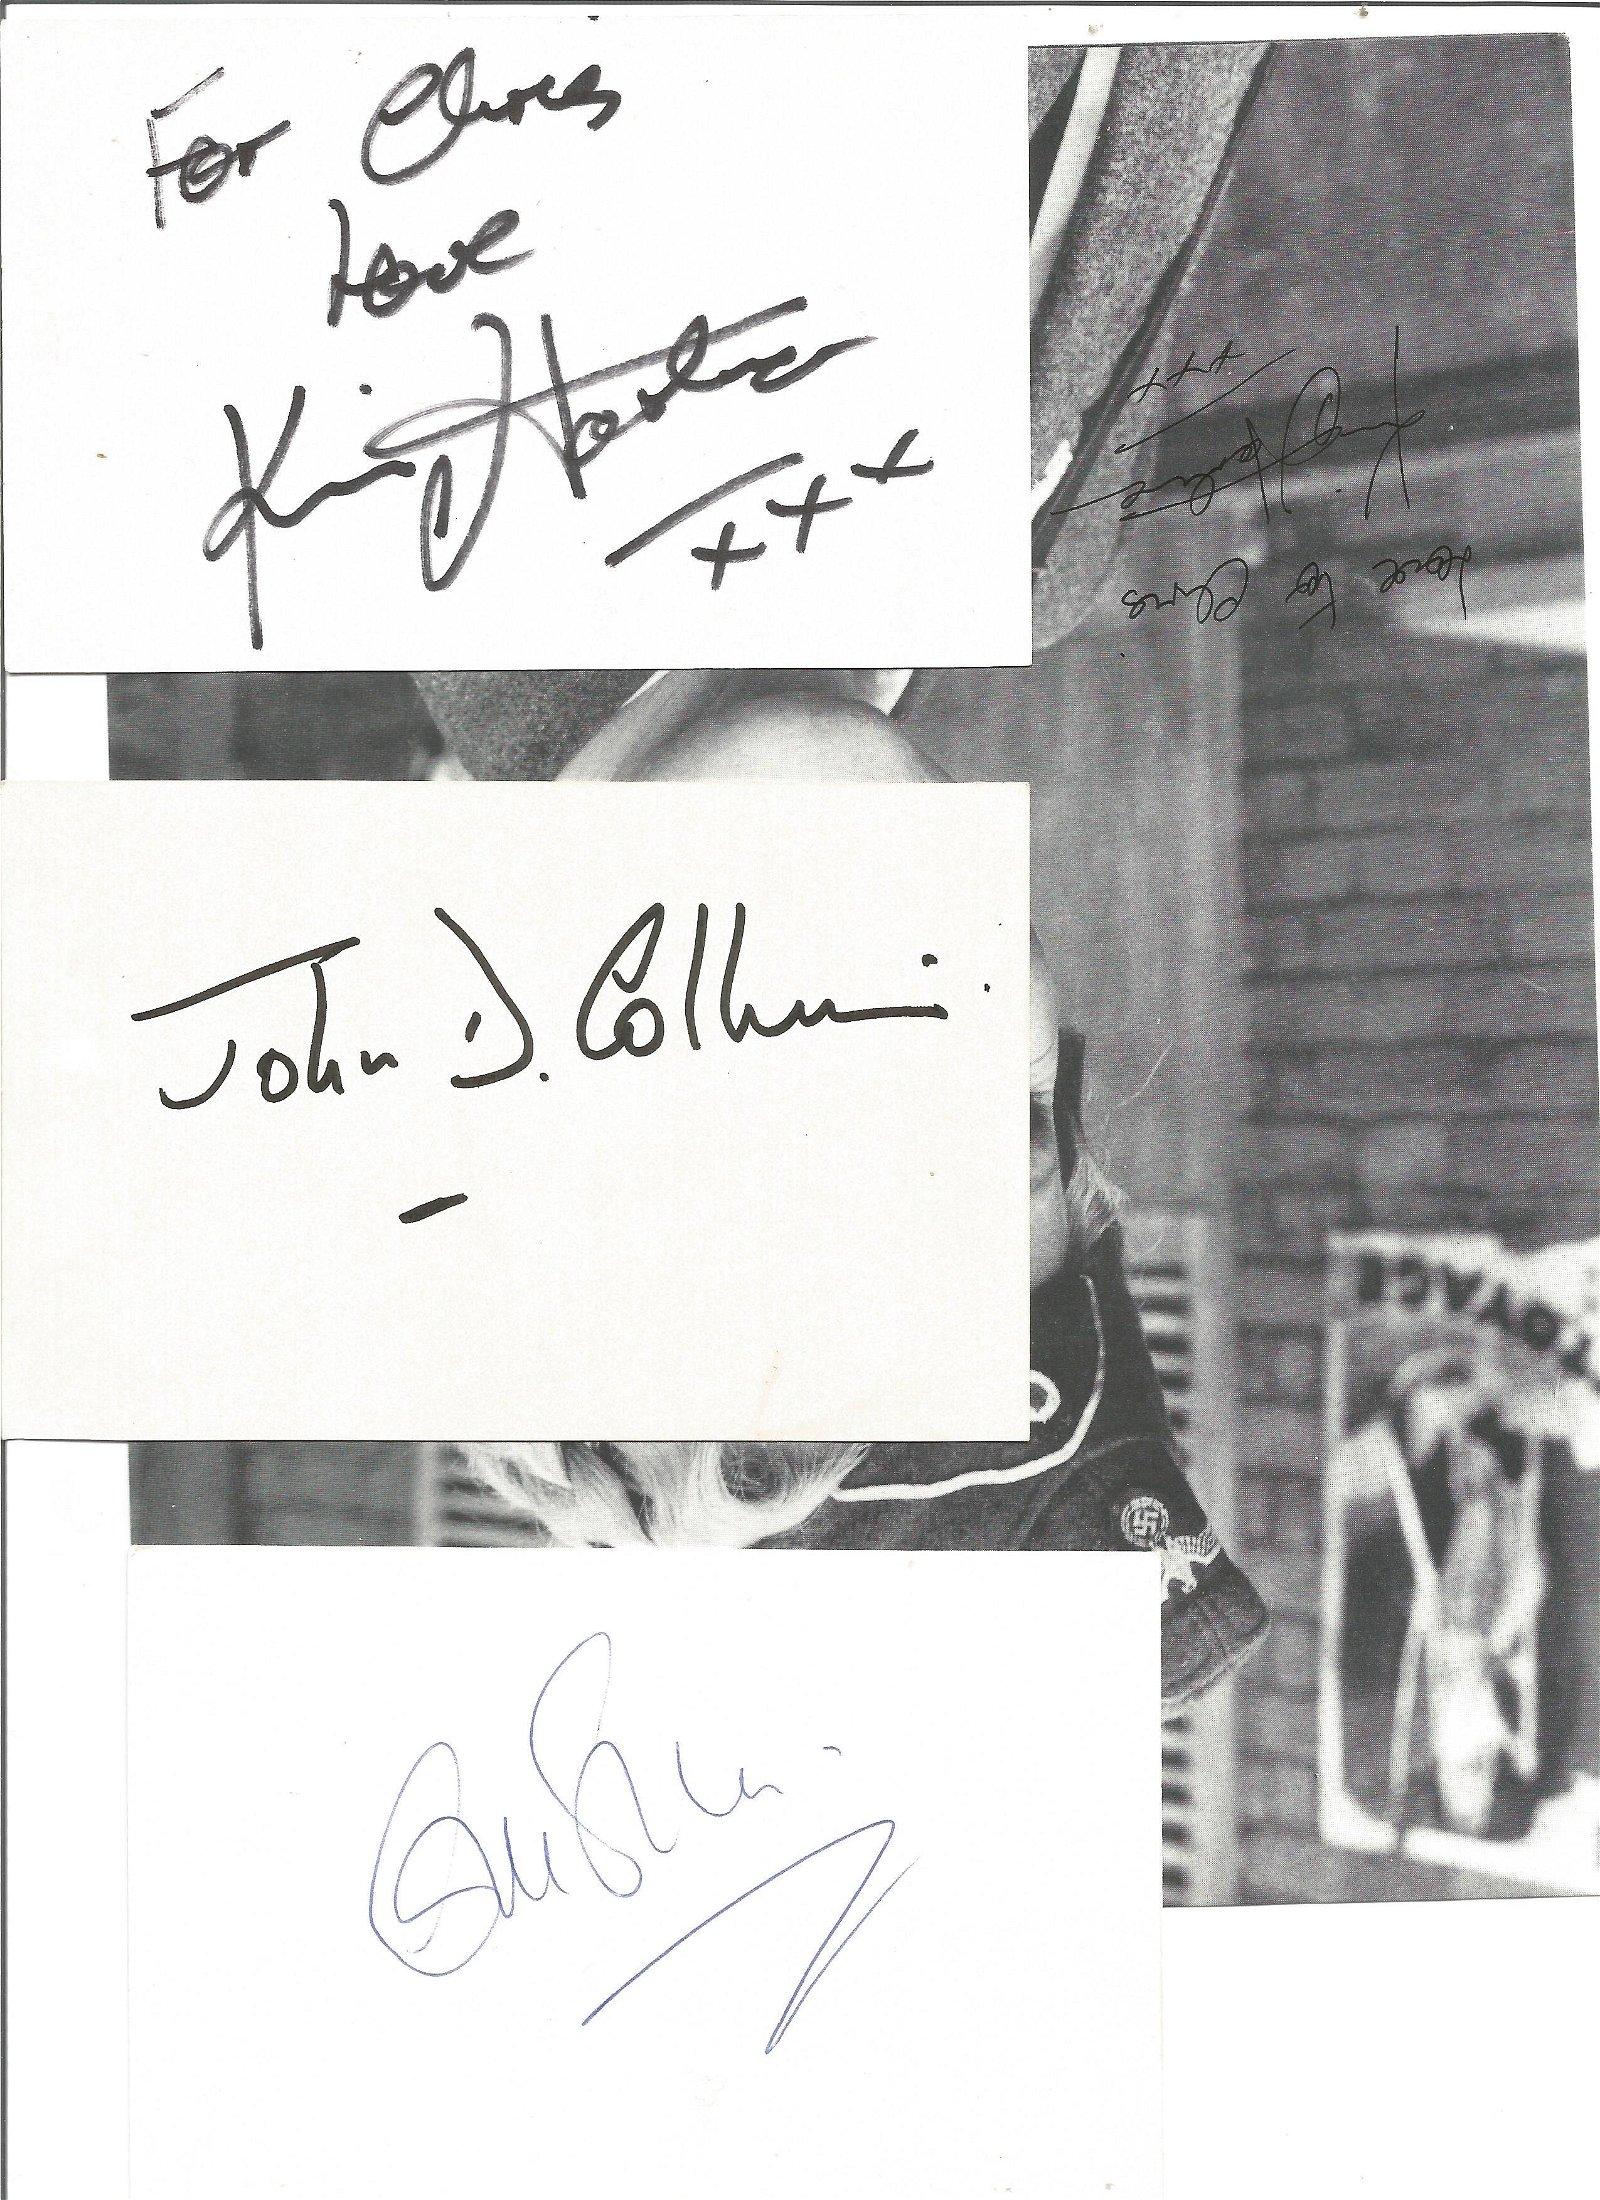 Allo Allo collection signed 10x8 b/w photo by Kim